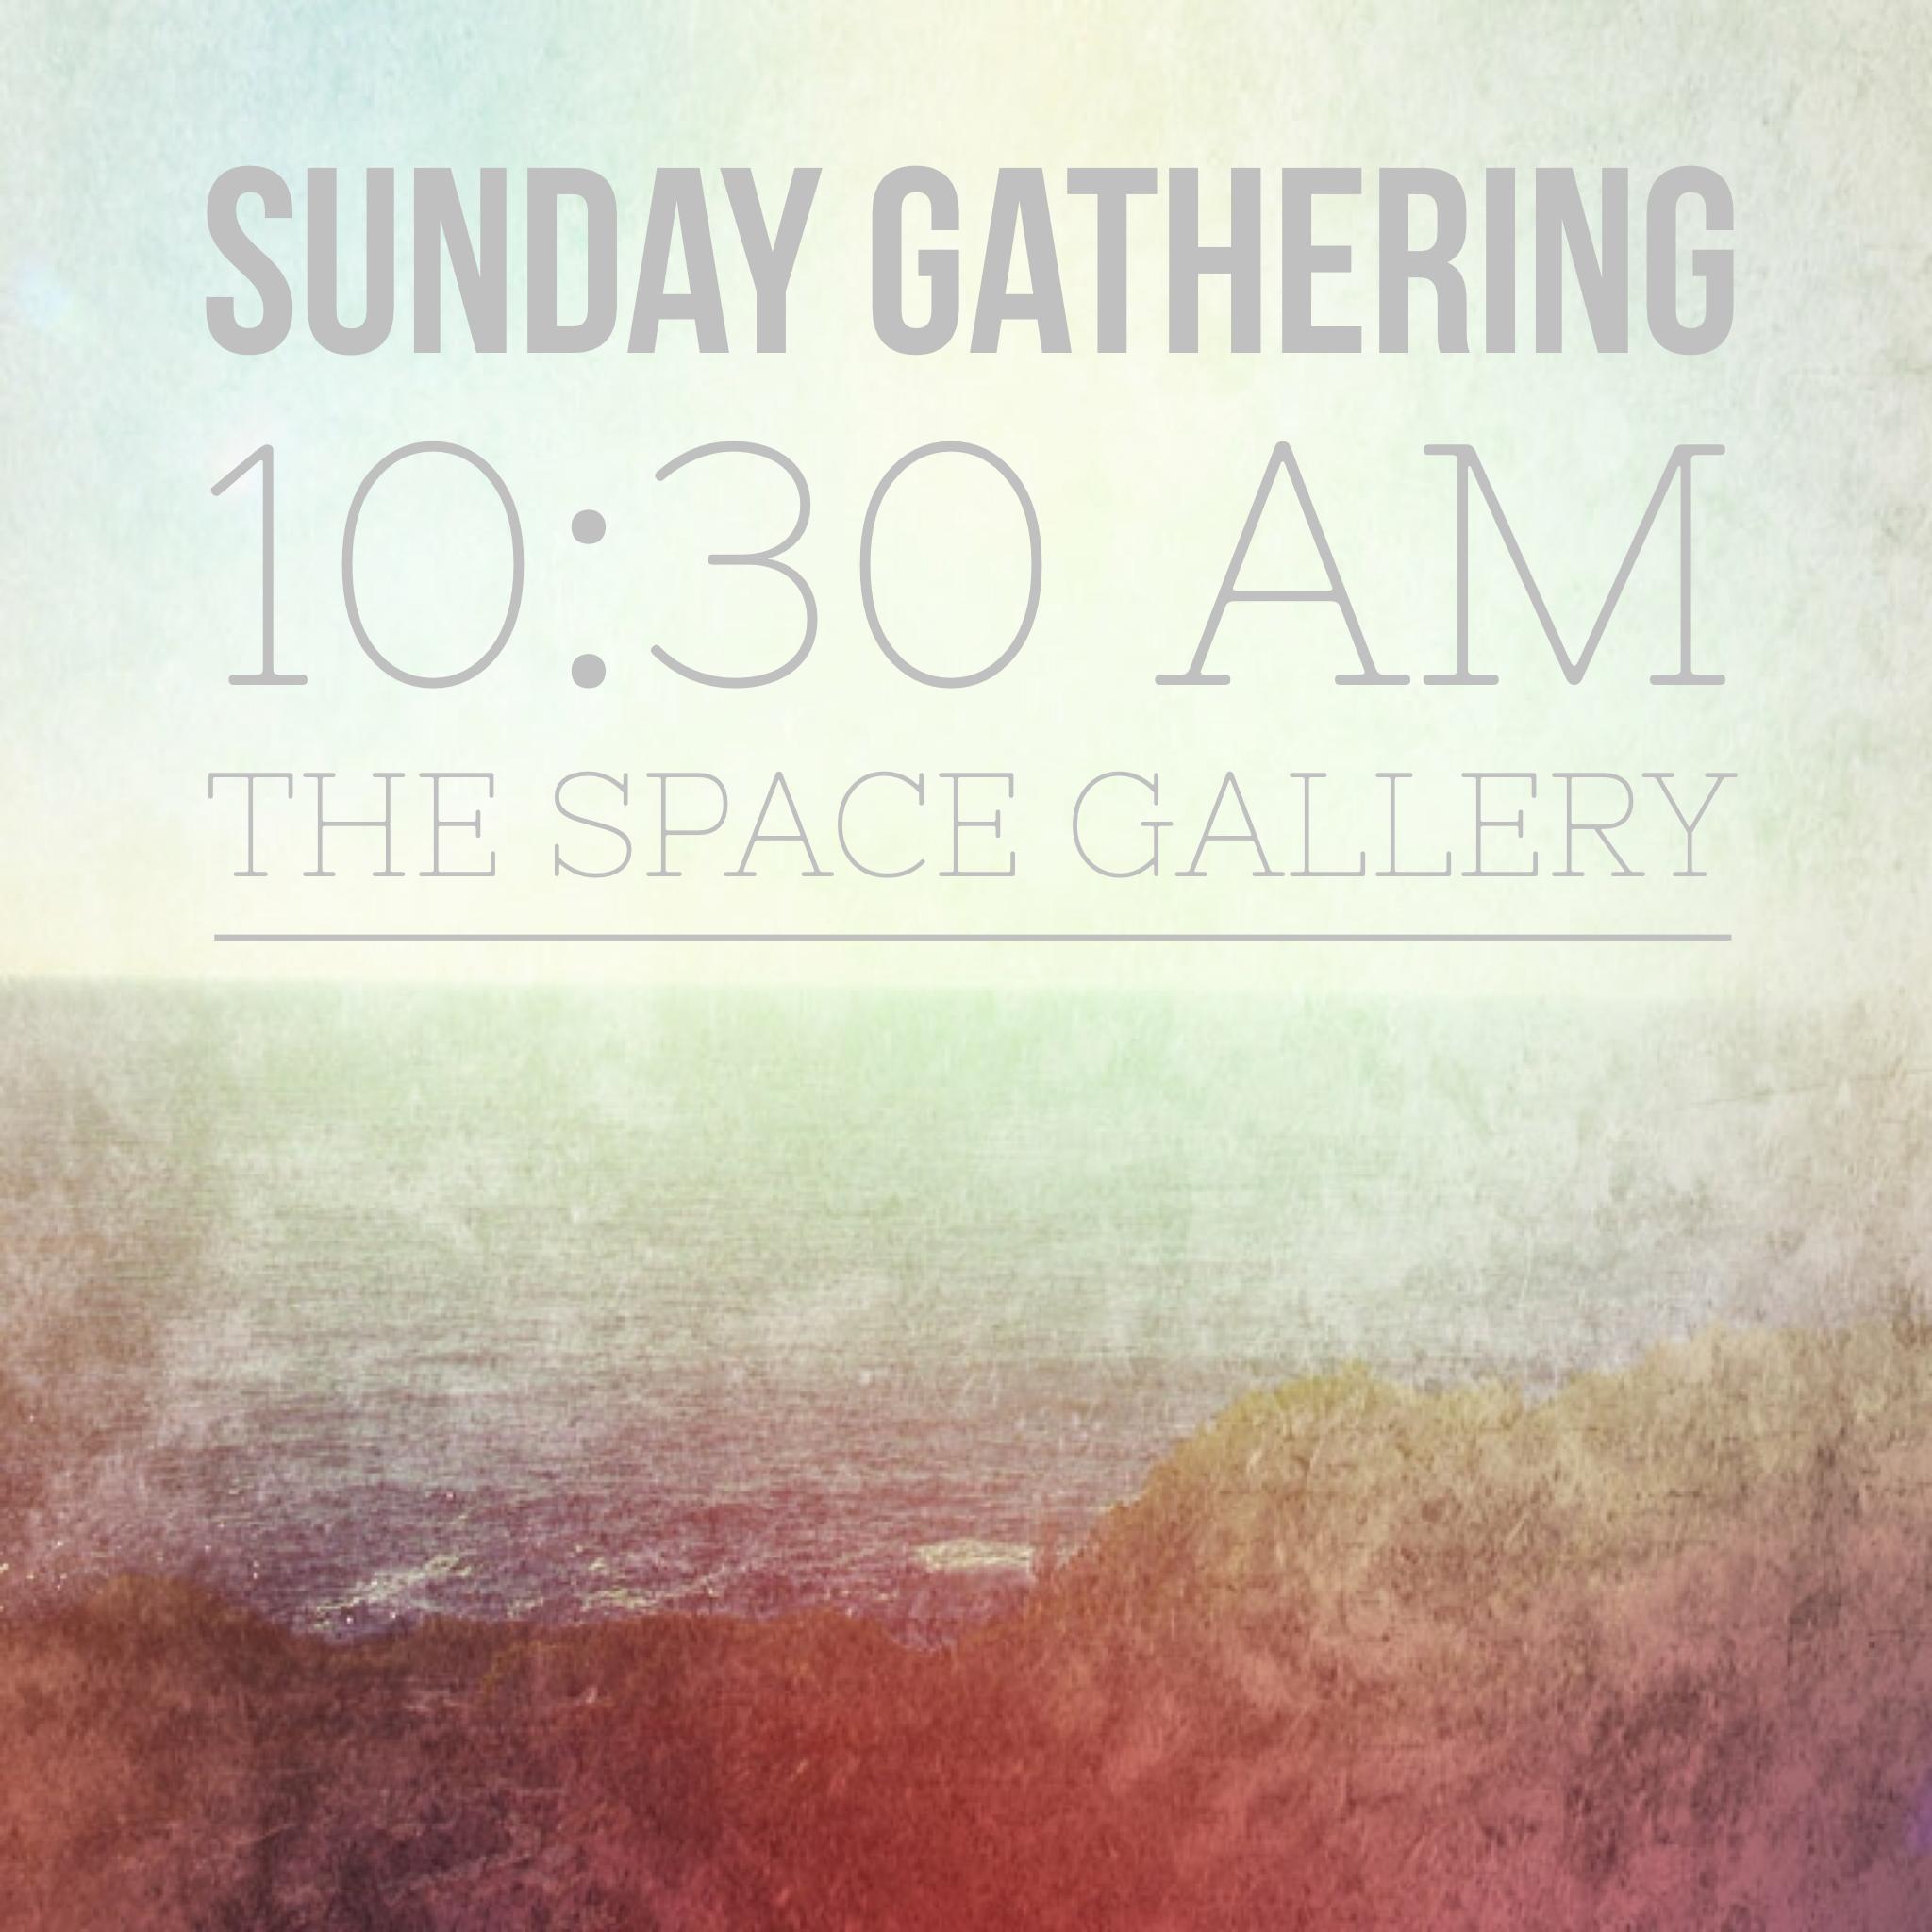 Sunday Gathering